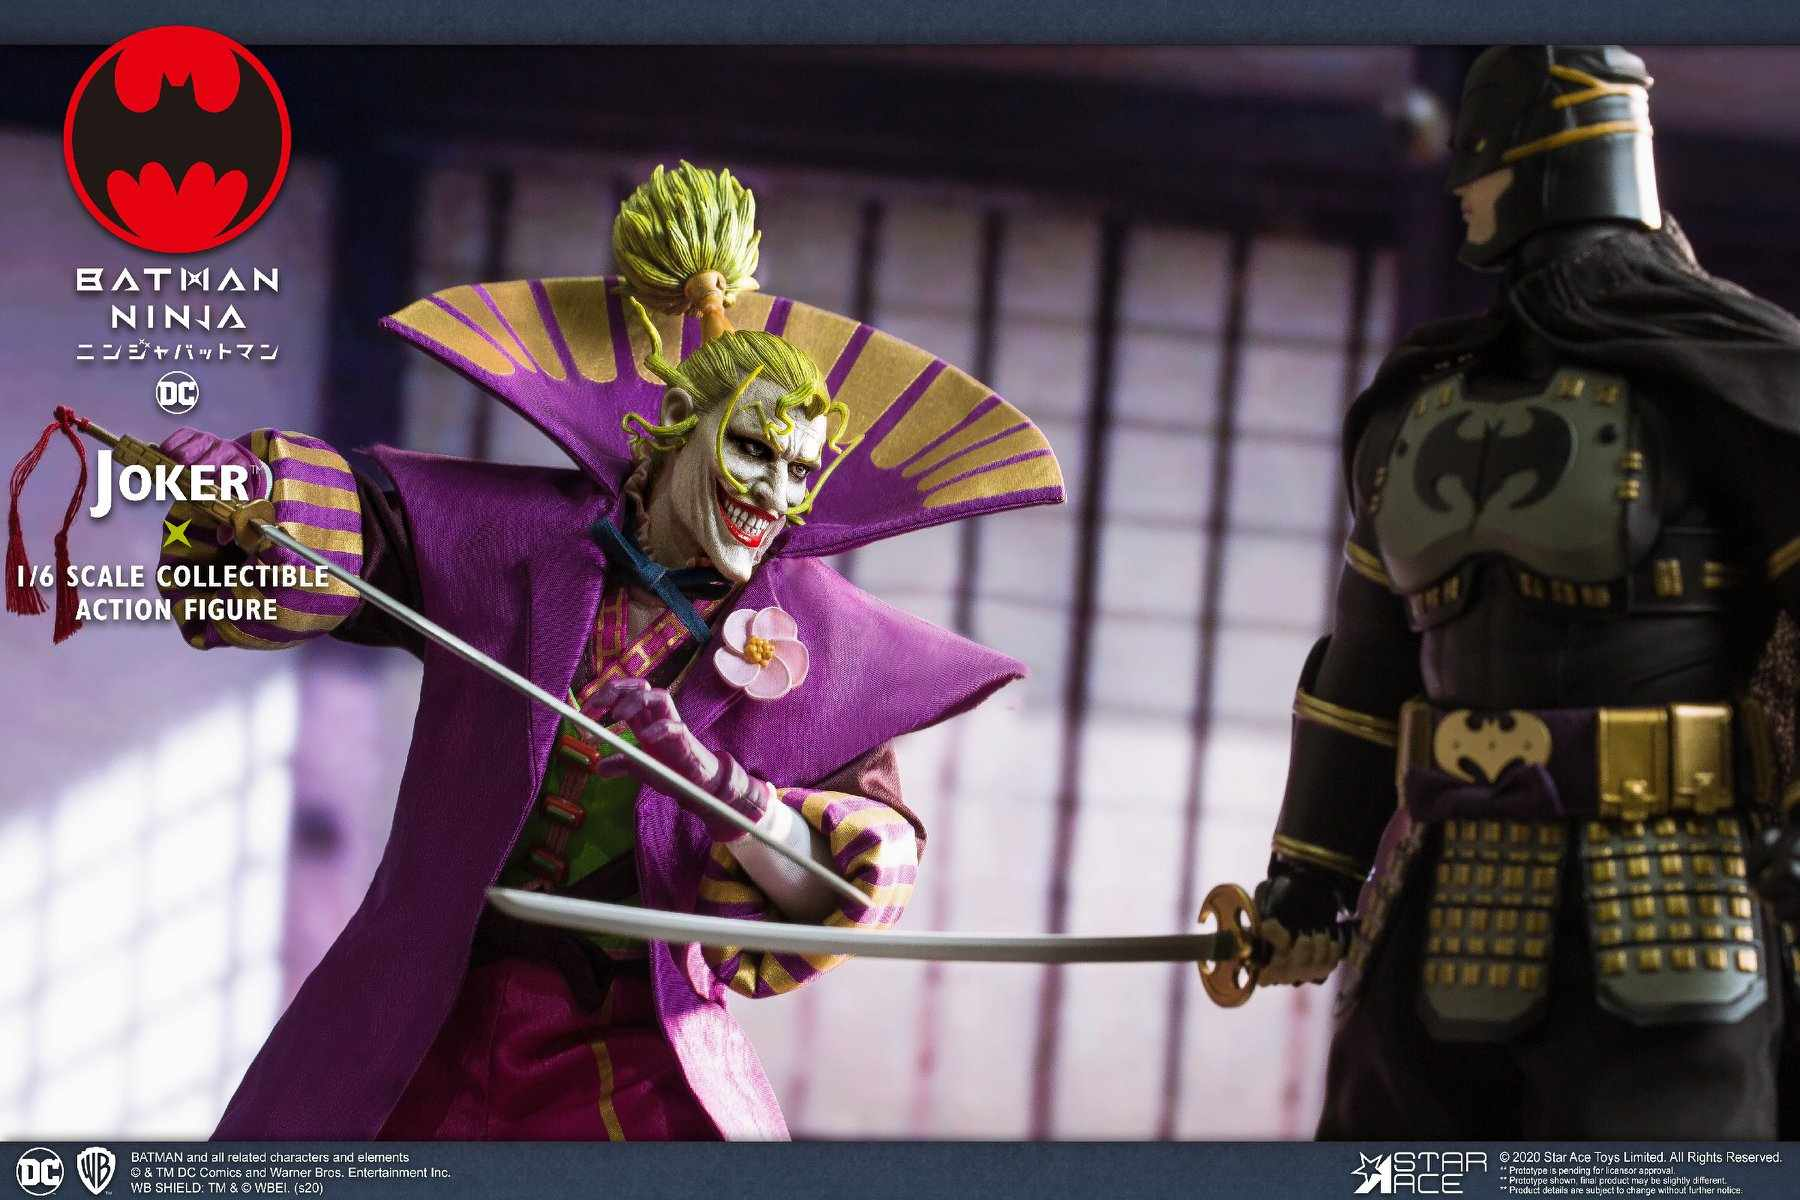 Batman Ninja Lord Joker 1 6 Scale Deluxe Figure From Star Ace Toys Ybmw